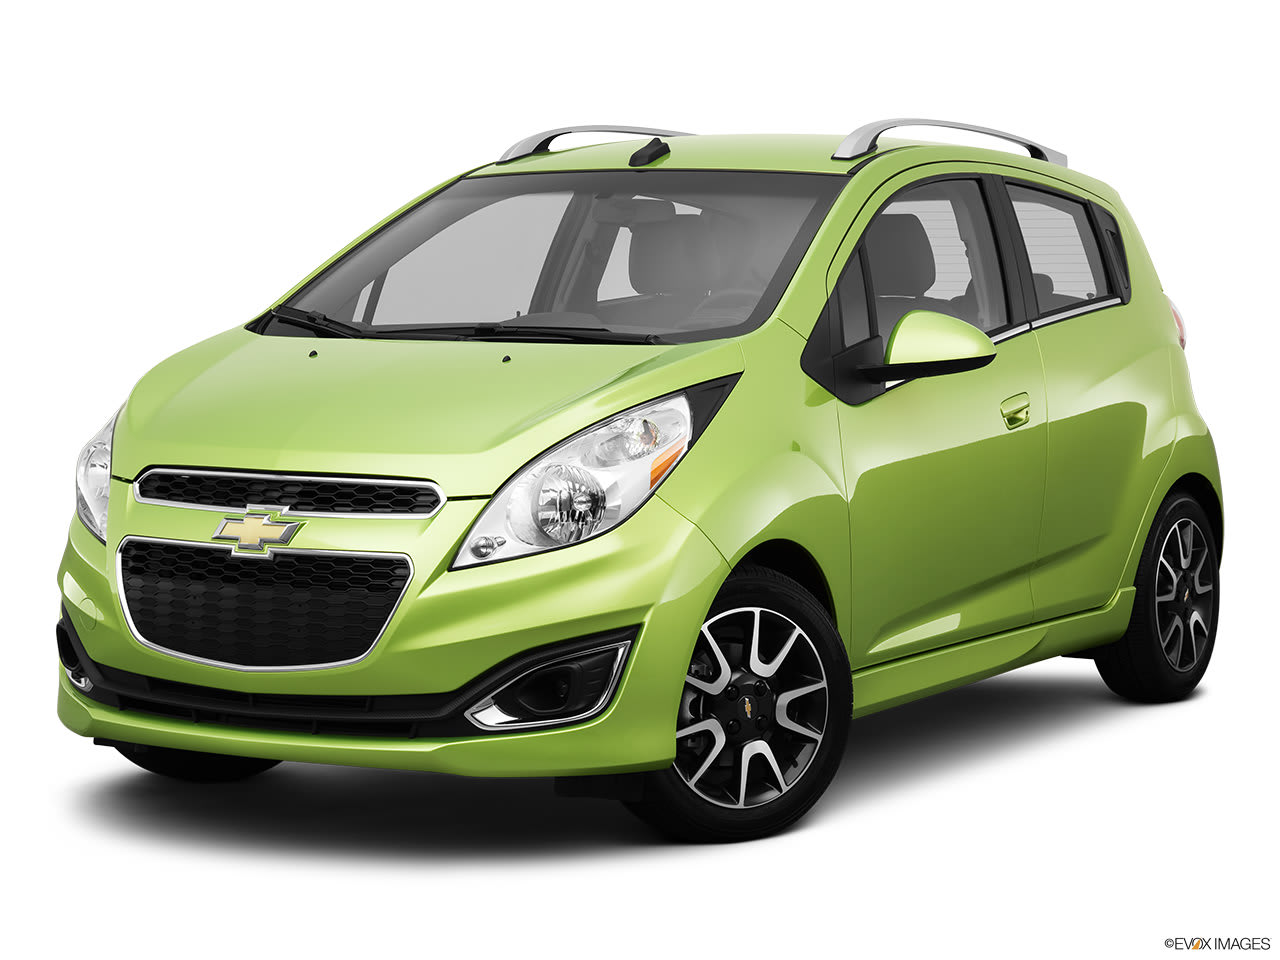 Kelebihan Kekurangan Chevrolet Spark 2013 Spesifikasi